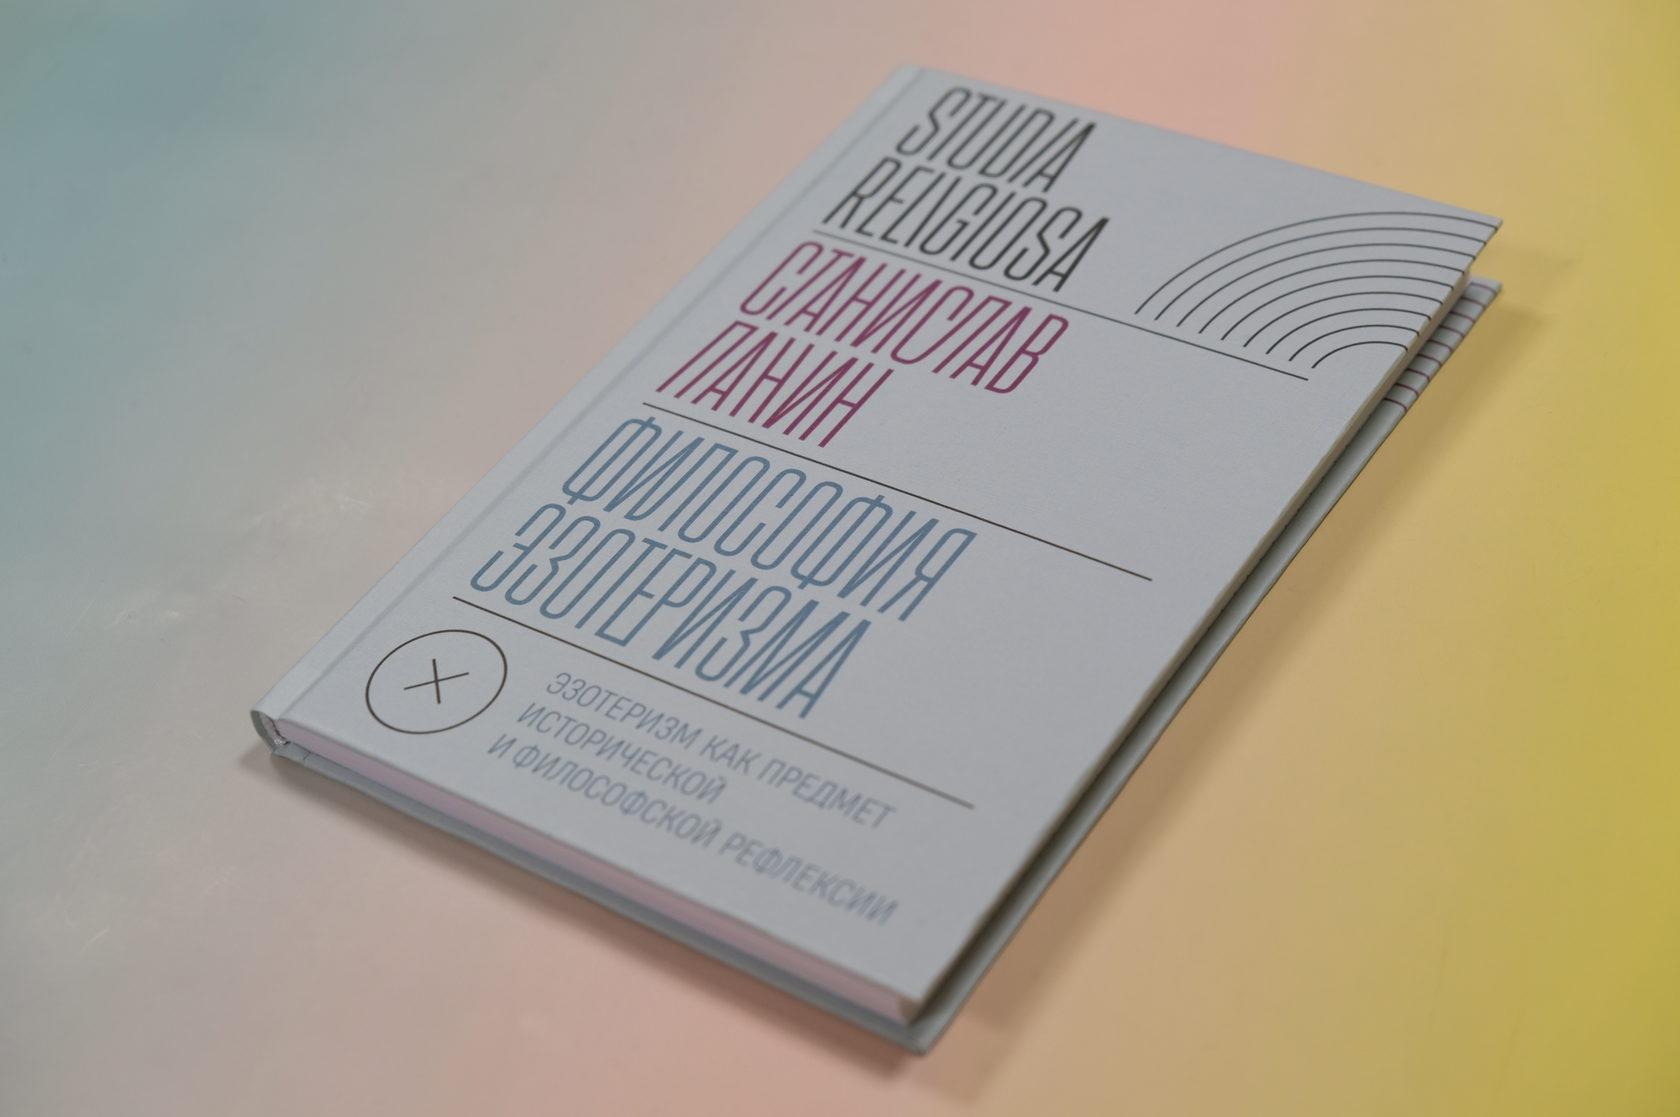 Станислав Панин «Философия эзотеризма. Эзотеризм как предмет исторической и философской рефлексии» , 978-5-4448-0967-9